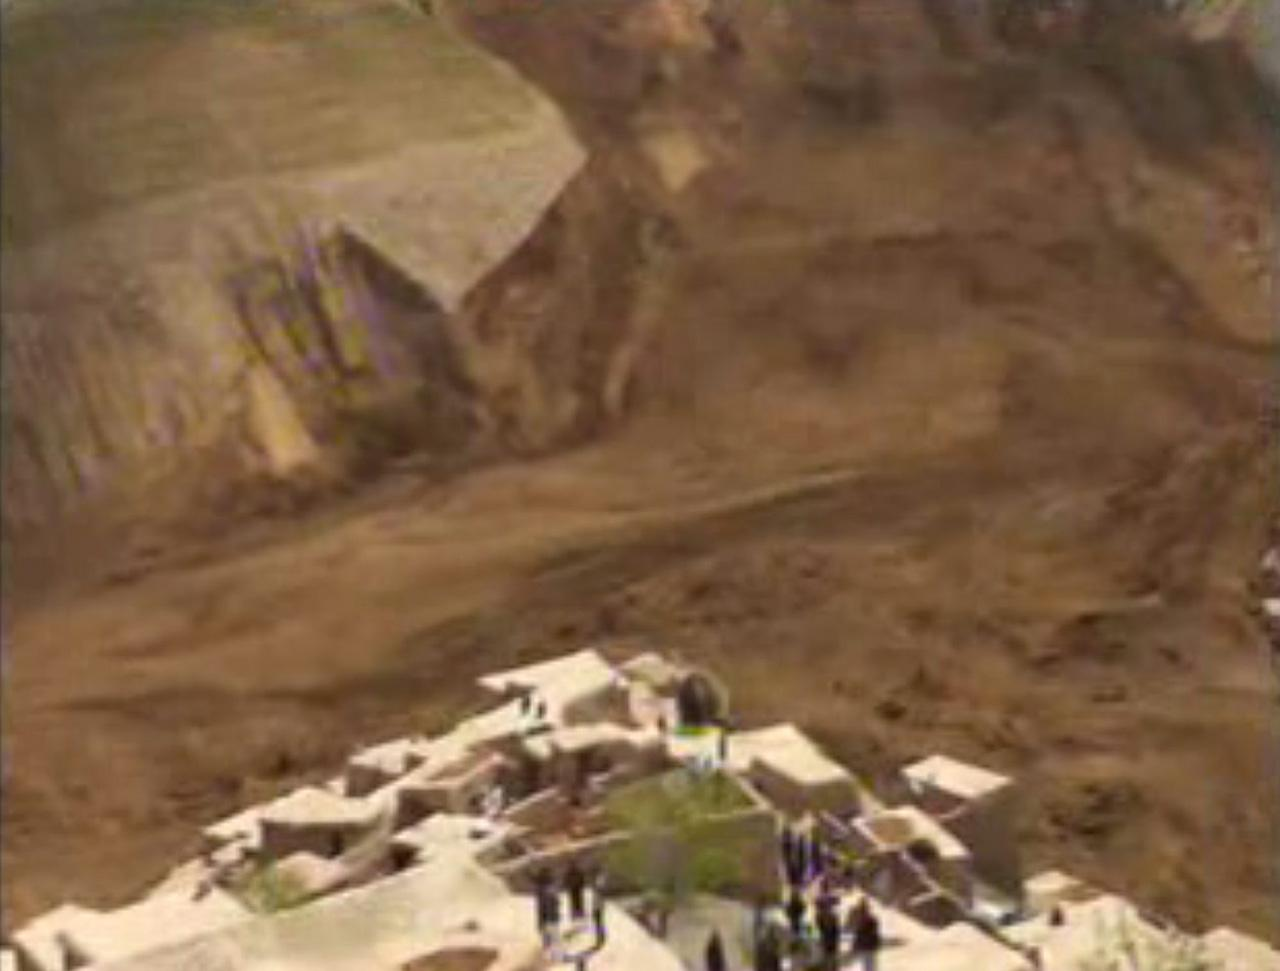 สภาพหมู่บ้าน ในจังหวัด'บาดัคซาน'ทางตะวันออกเฉียงเหนือ'อัฟกานิสถาน'